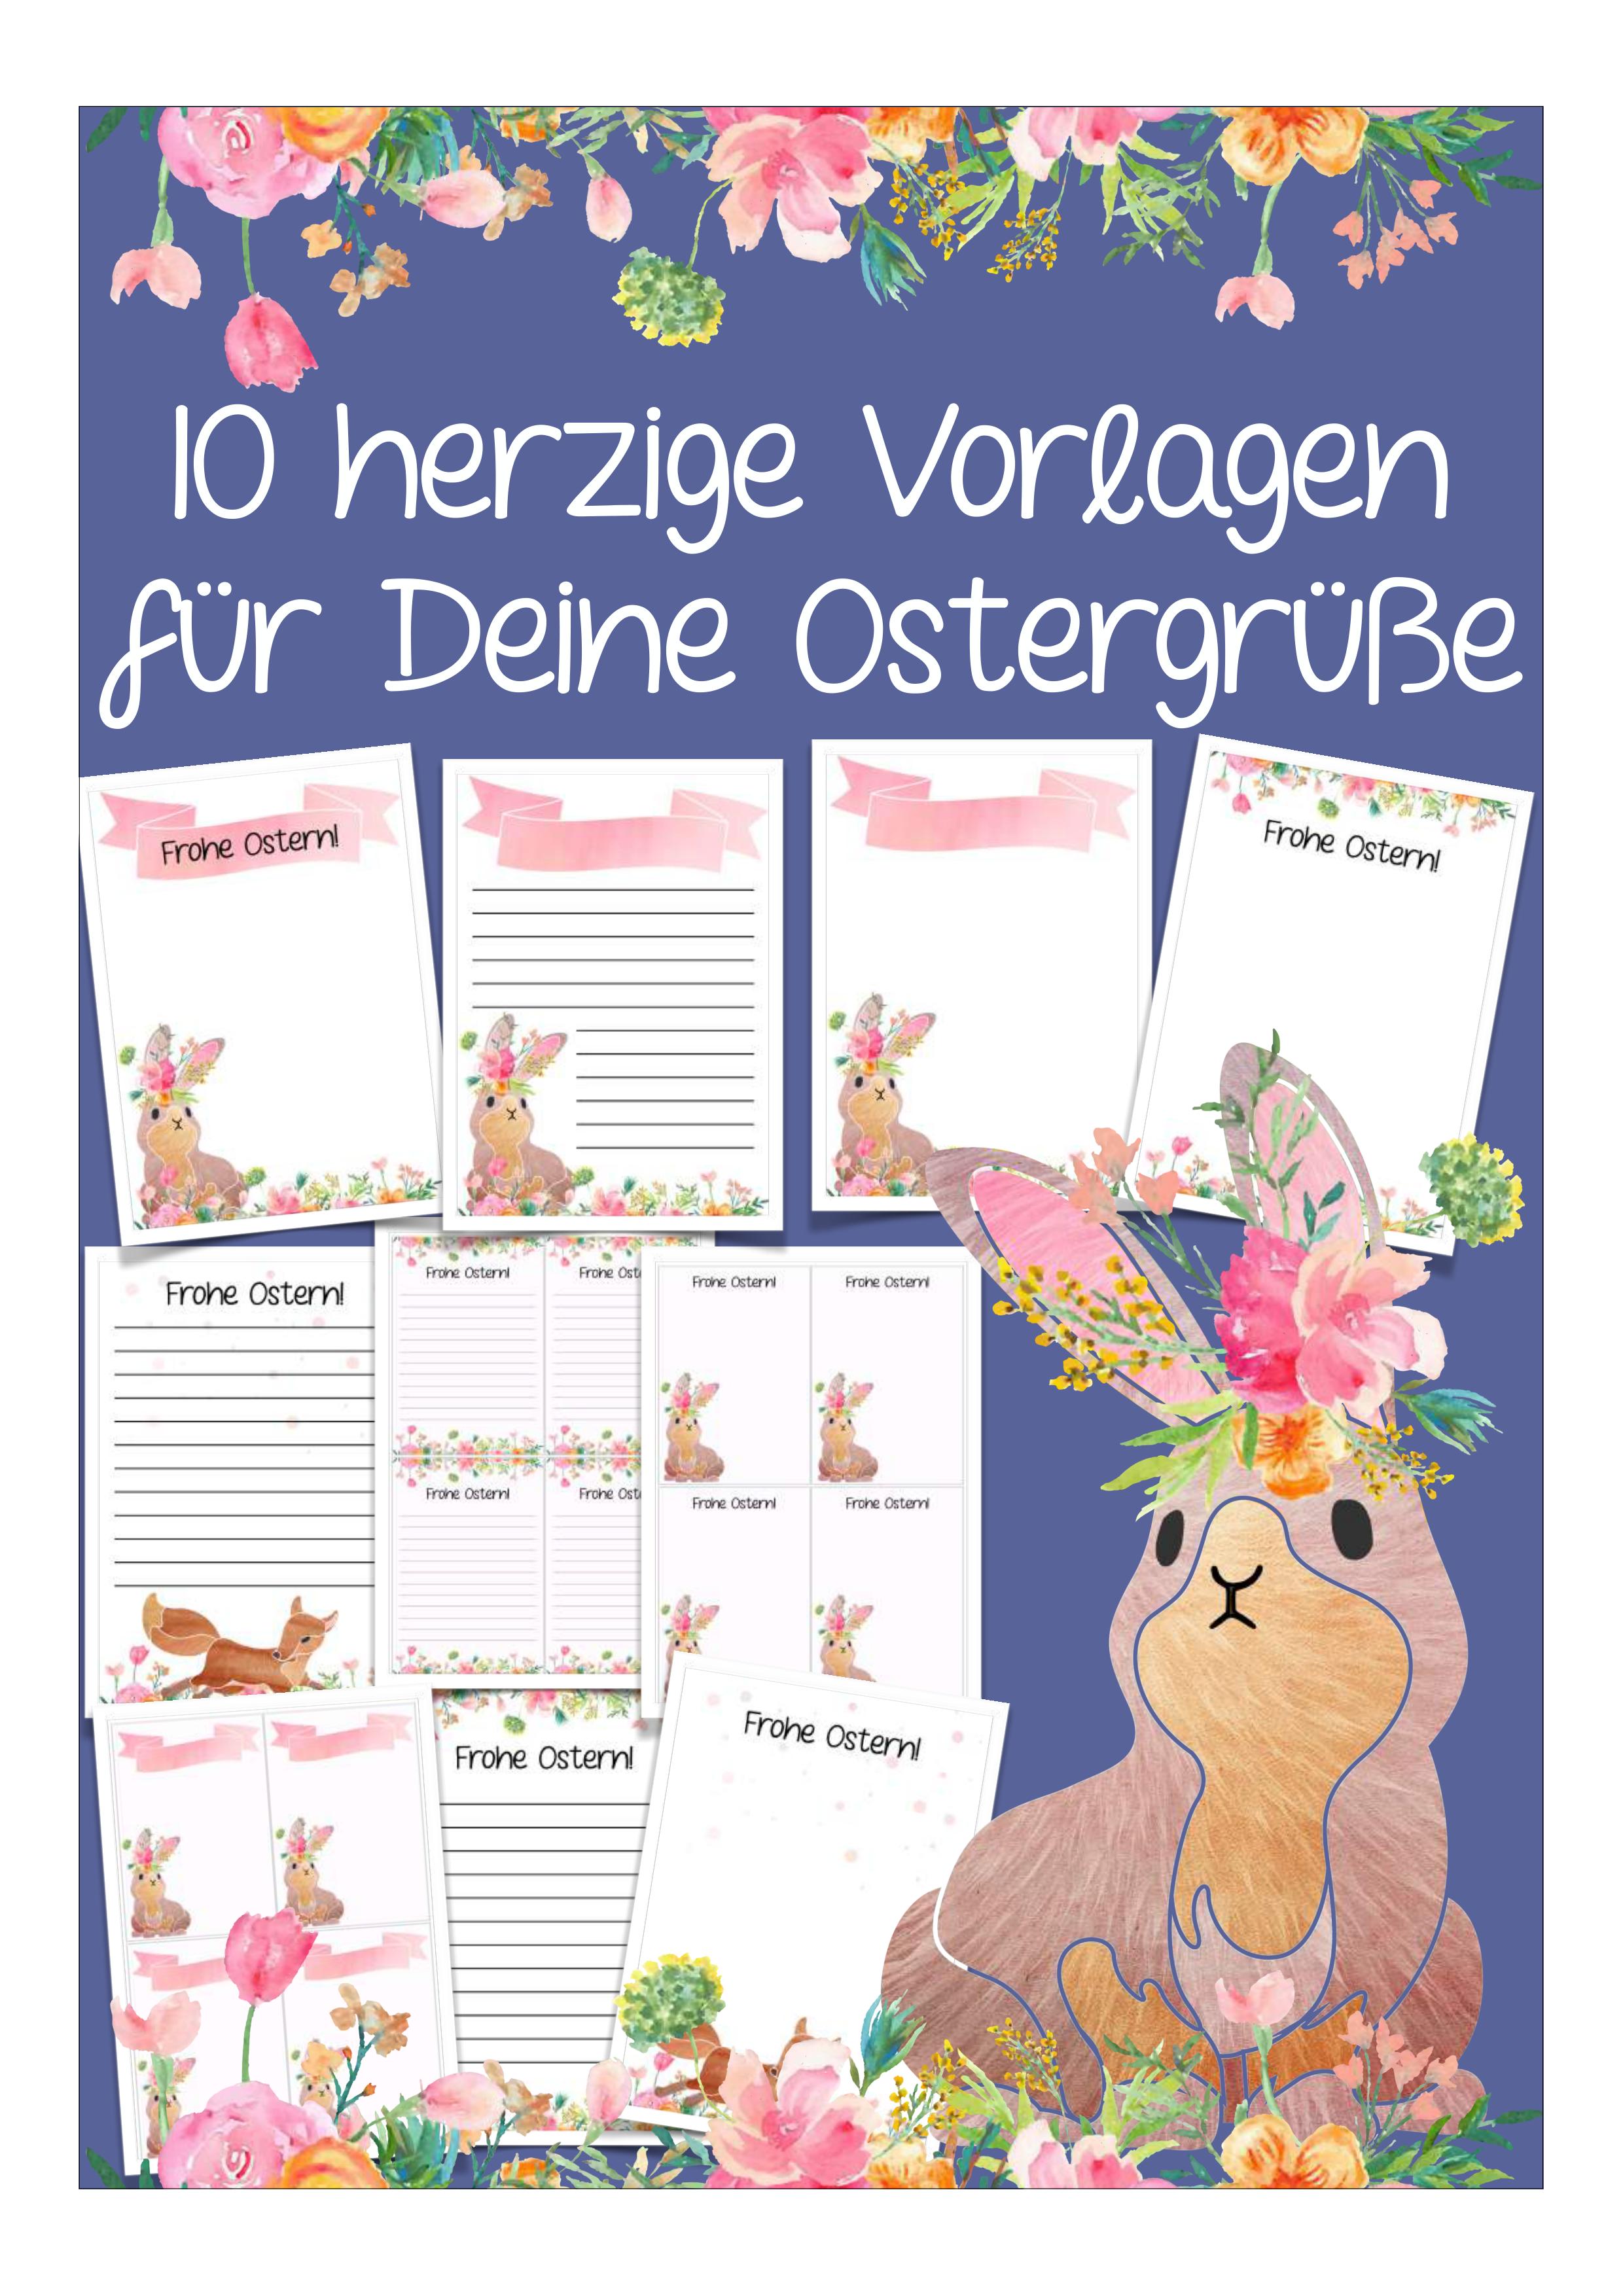 10 Vorlagen Fur Ostergrusse Unterrichtsmaterial In Den Fachern Deutsch Fachubergreifendes In 2020 Unterrichtsmaterial Ostern Grundschule Grusse